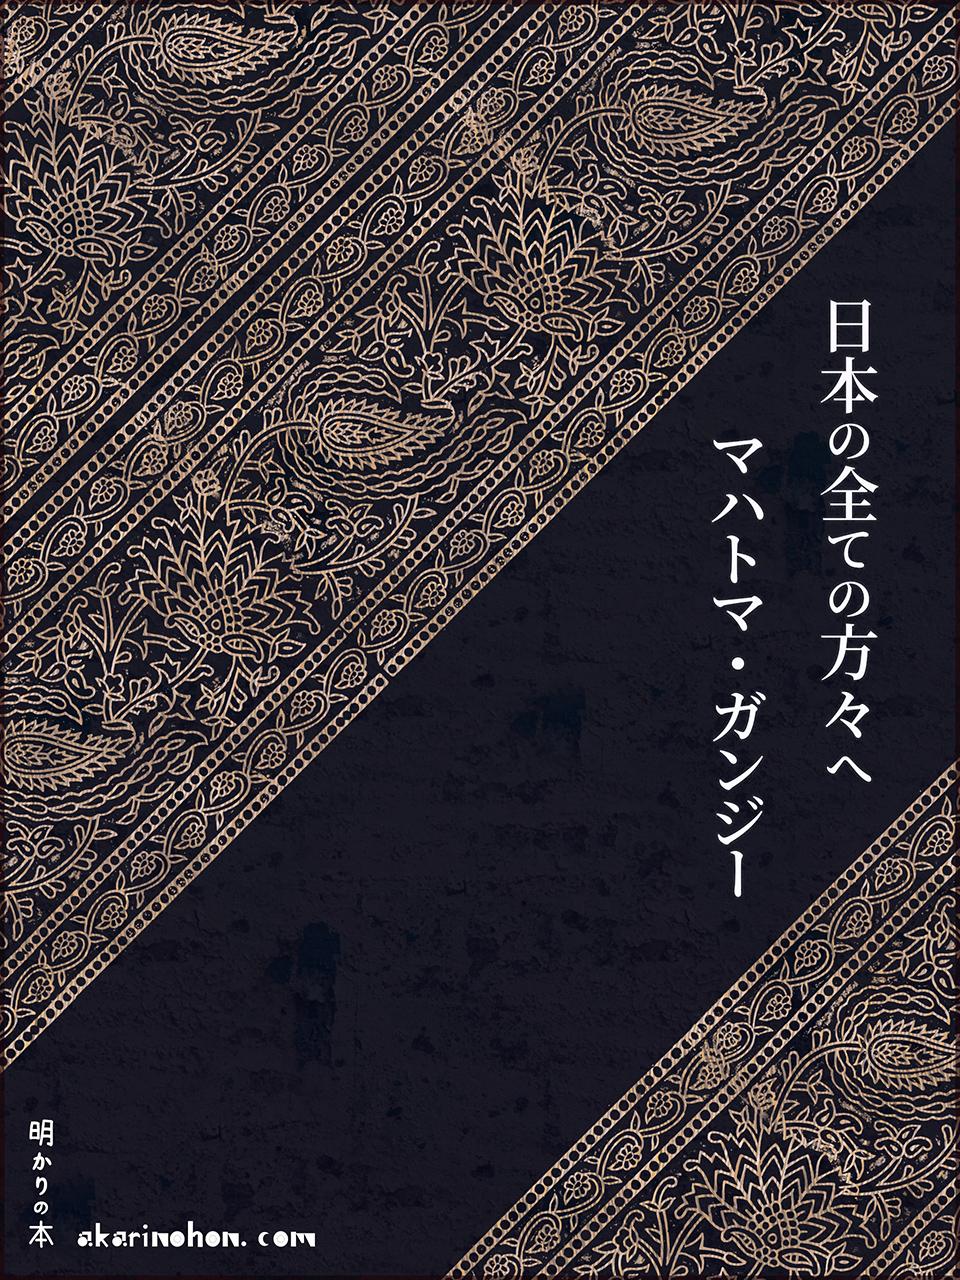 0000 - 日本の全ての方々へ マハトマ・ガンジー